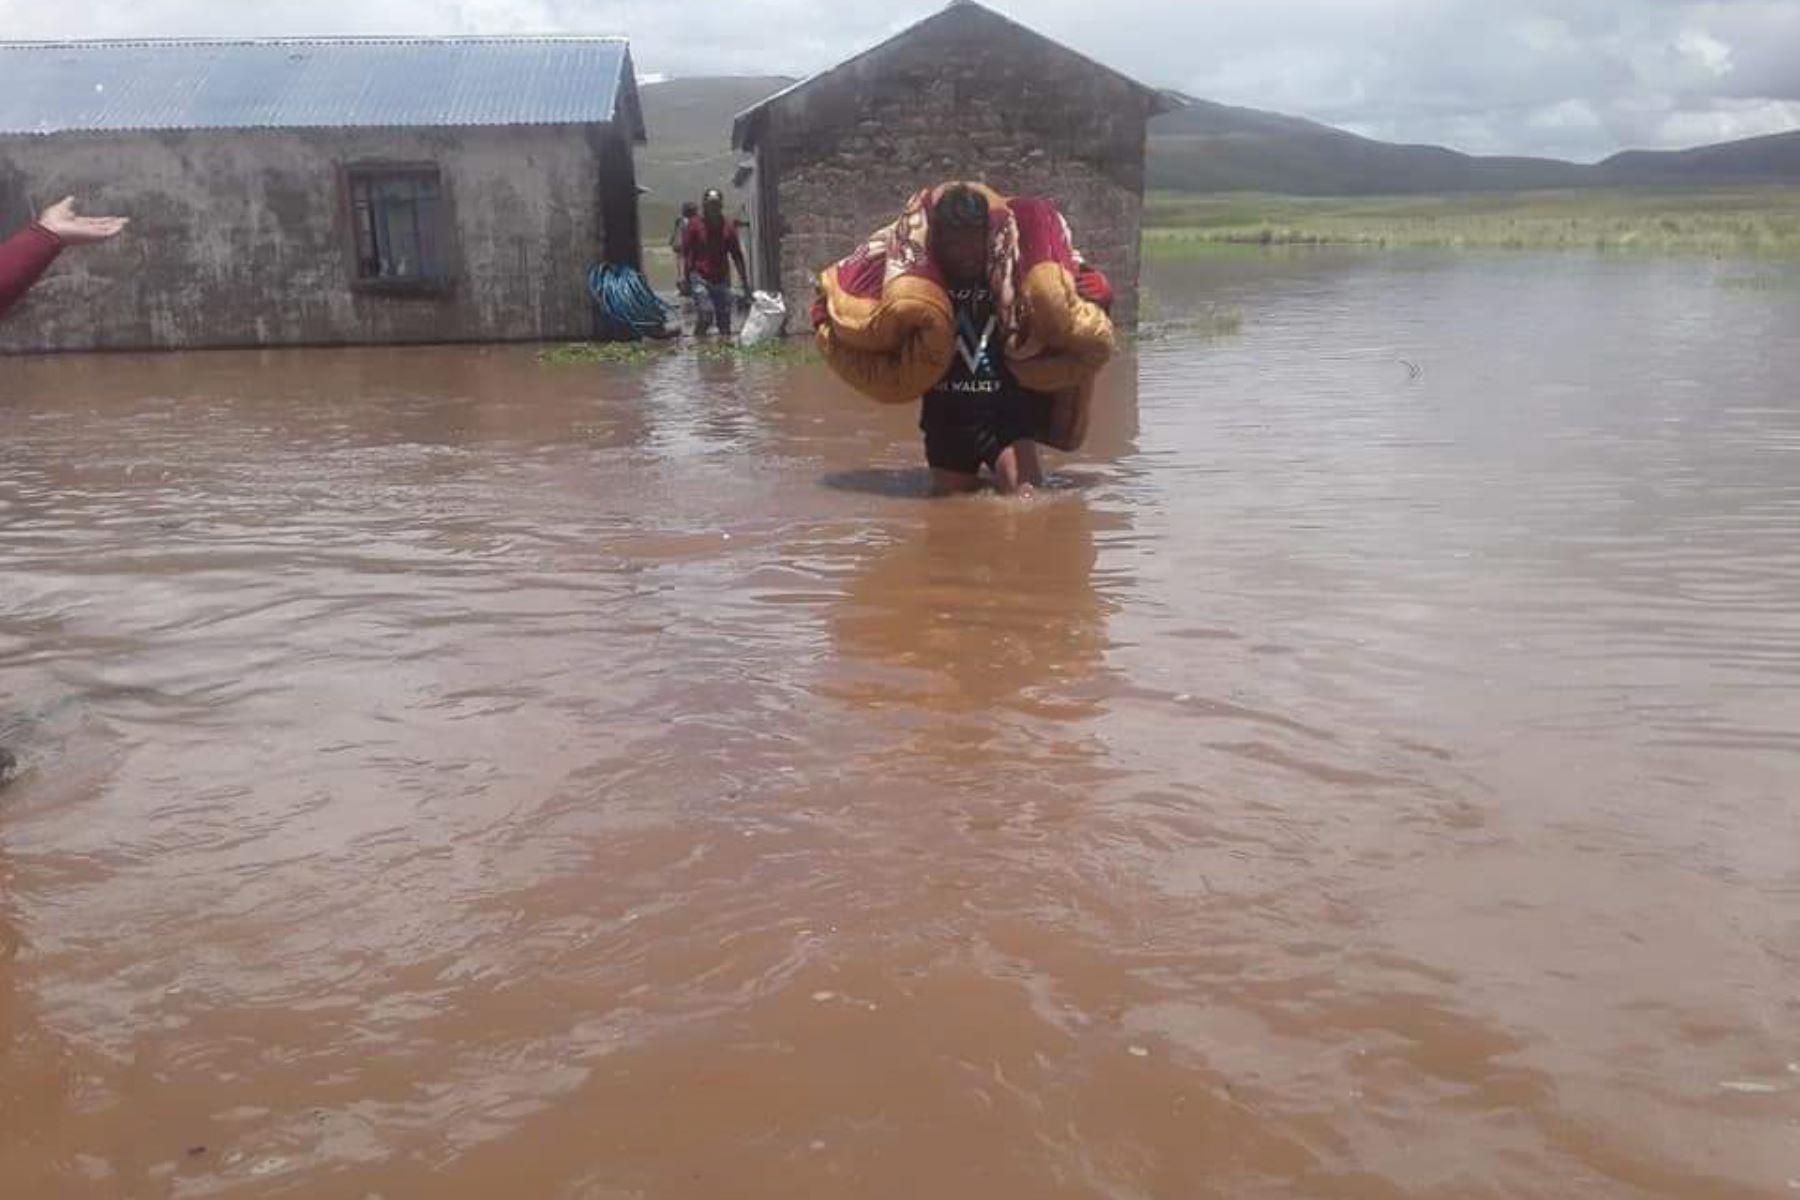 El desborde de ríos afectó a viviendas y terrenos de cultivo en las provincia de Chucuito y El Collao, en Puno. ANDINA